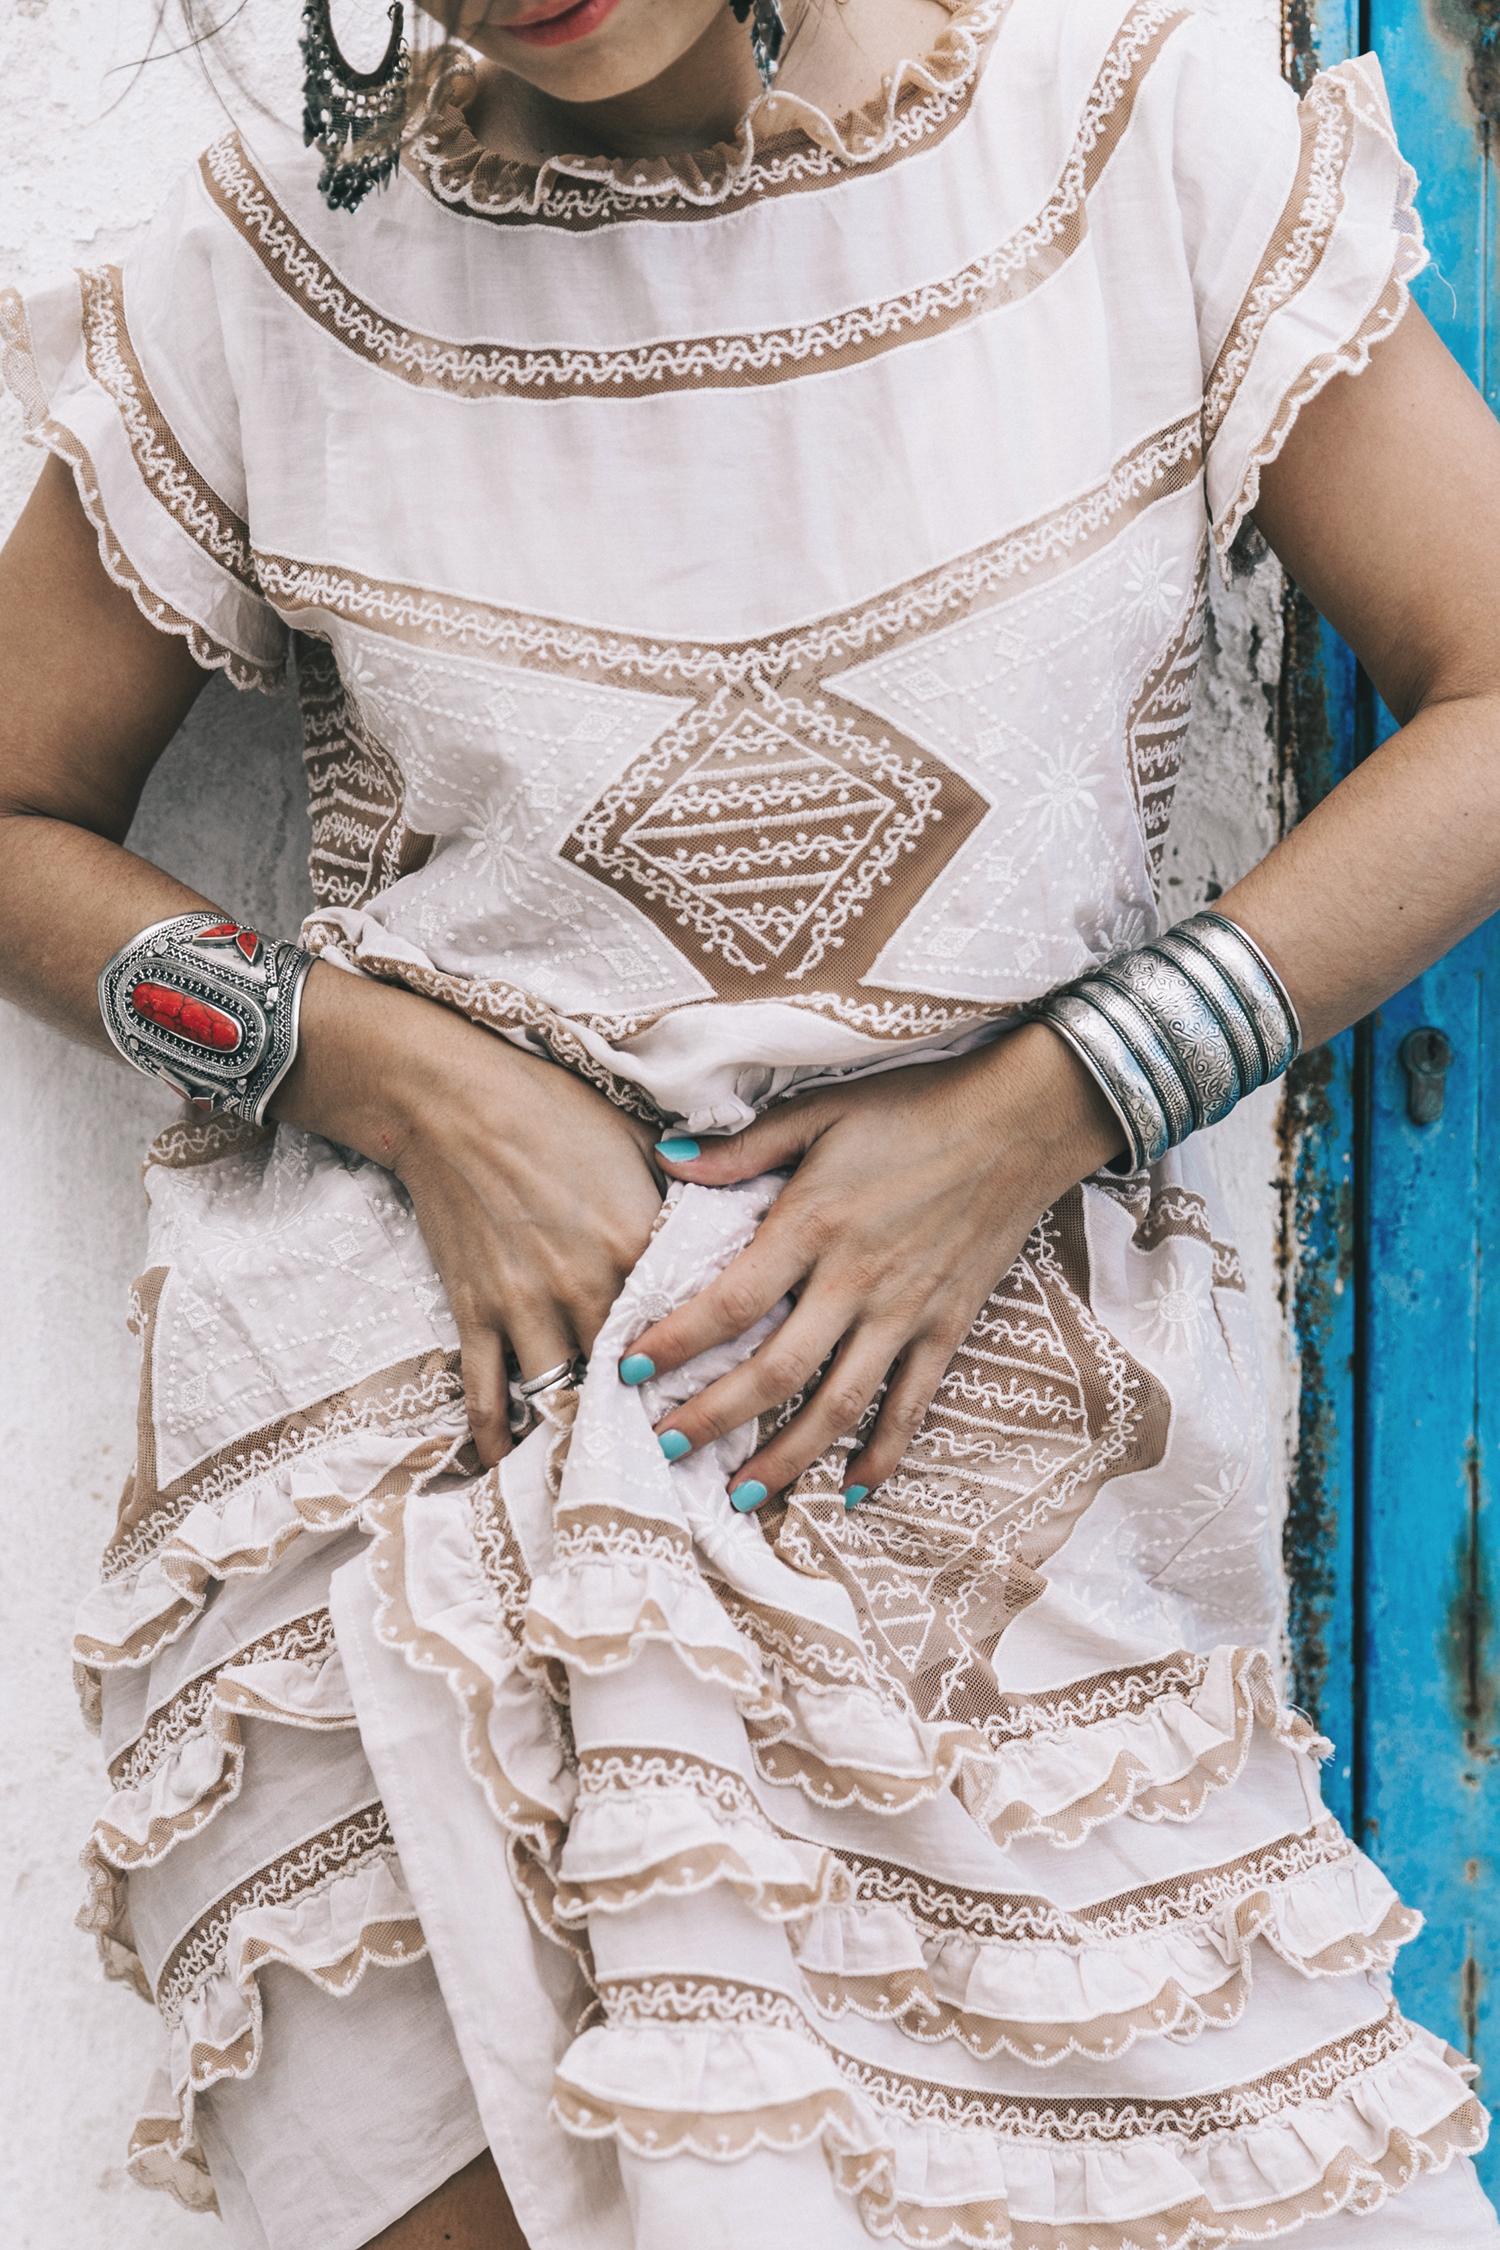 Chloe_Bag-Faye_Bag-For_Love_And_Lemons-Dress-Topknot-Soludos_Escapes-Soludos_Espadrilles-Summer-Santorini-Collage_Vintage-123